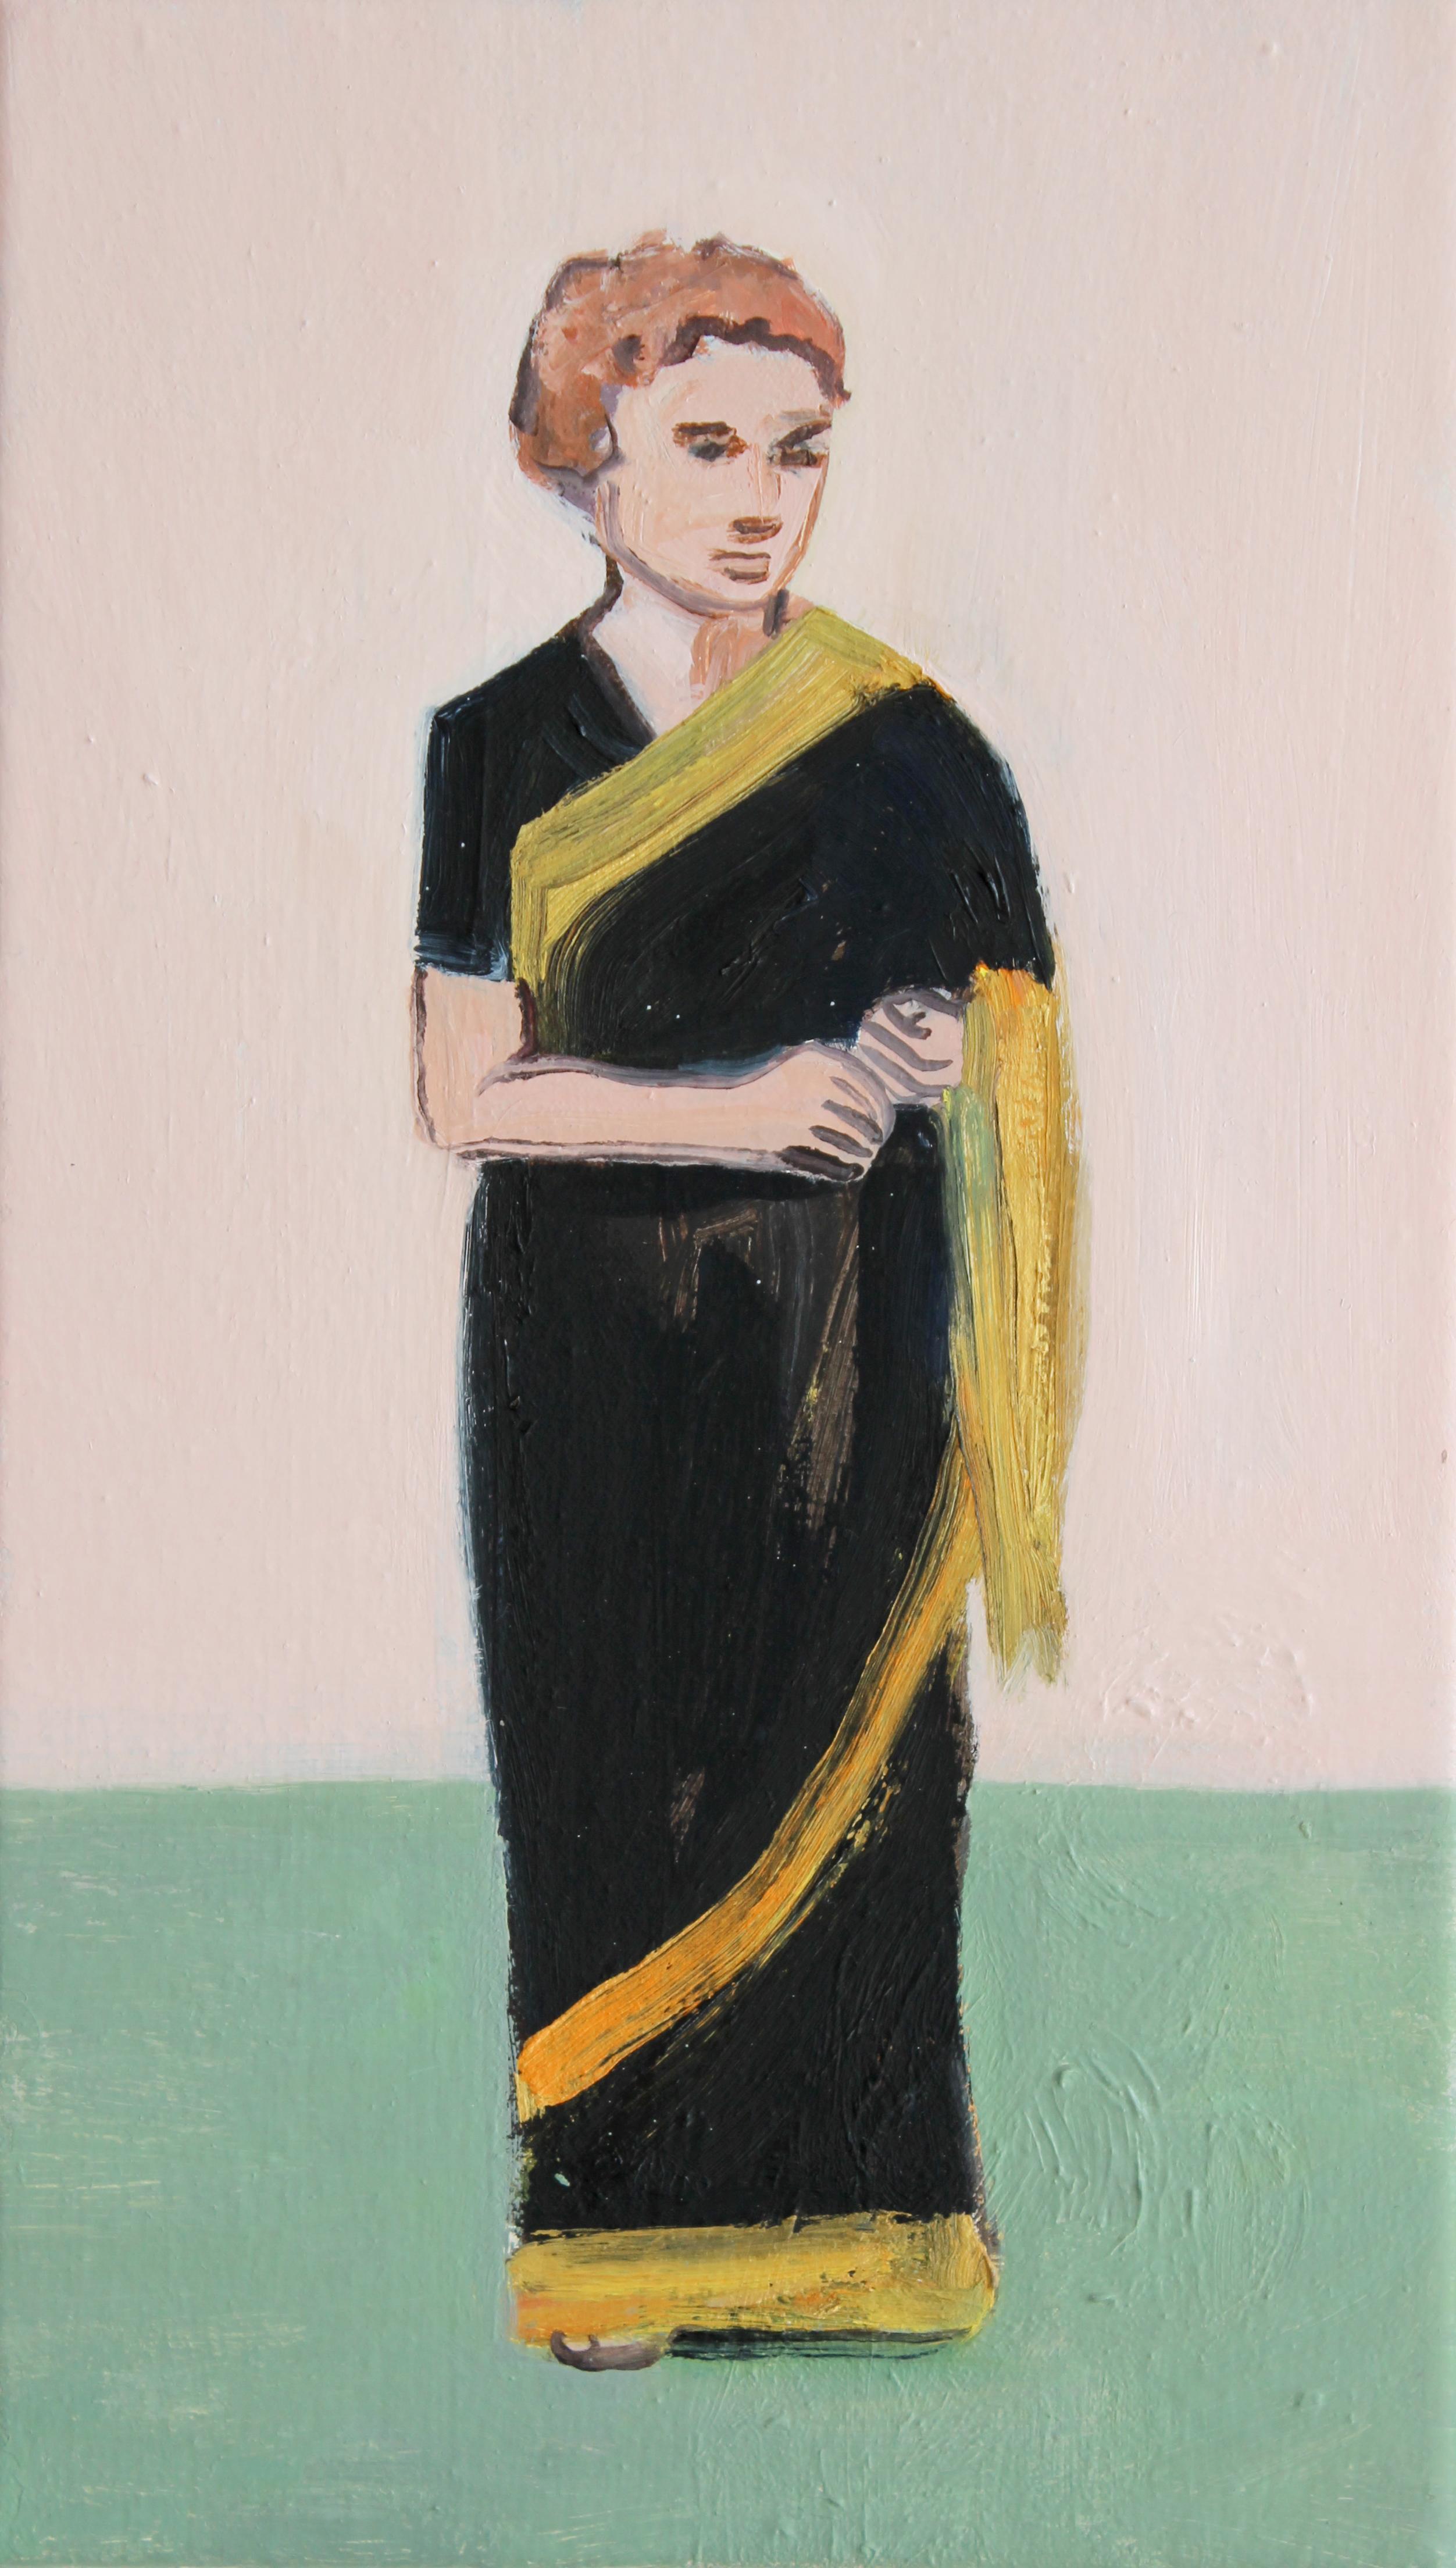 Matthew Krishanu 2016 Black and Gold sari oil on canvas 35x20cm